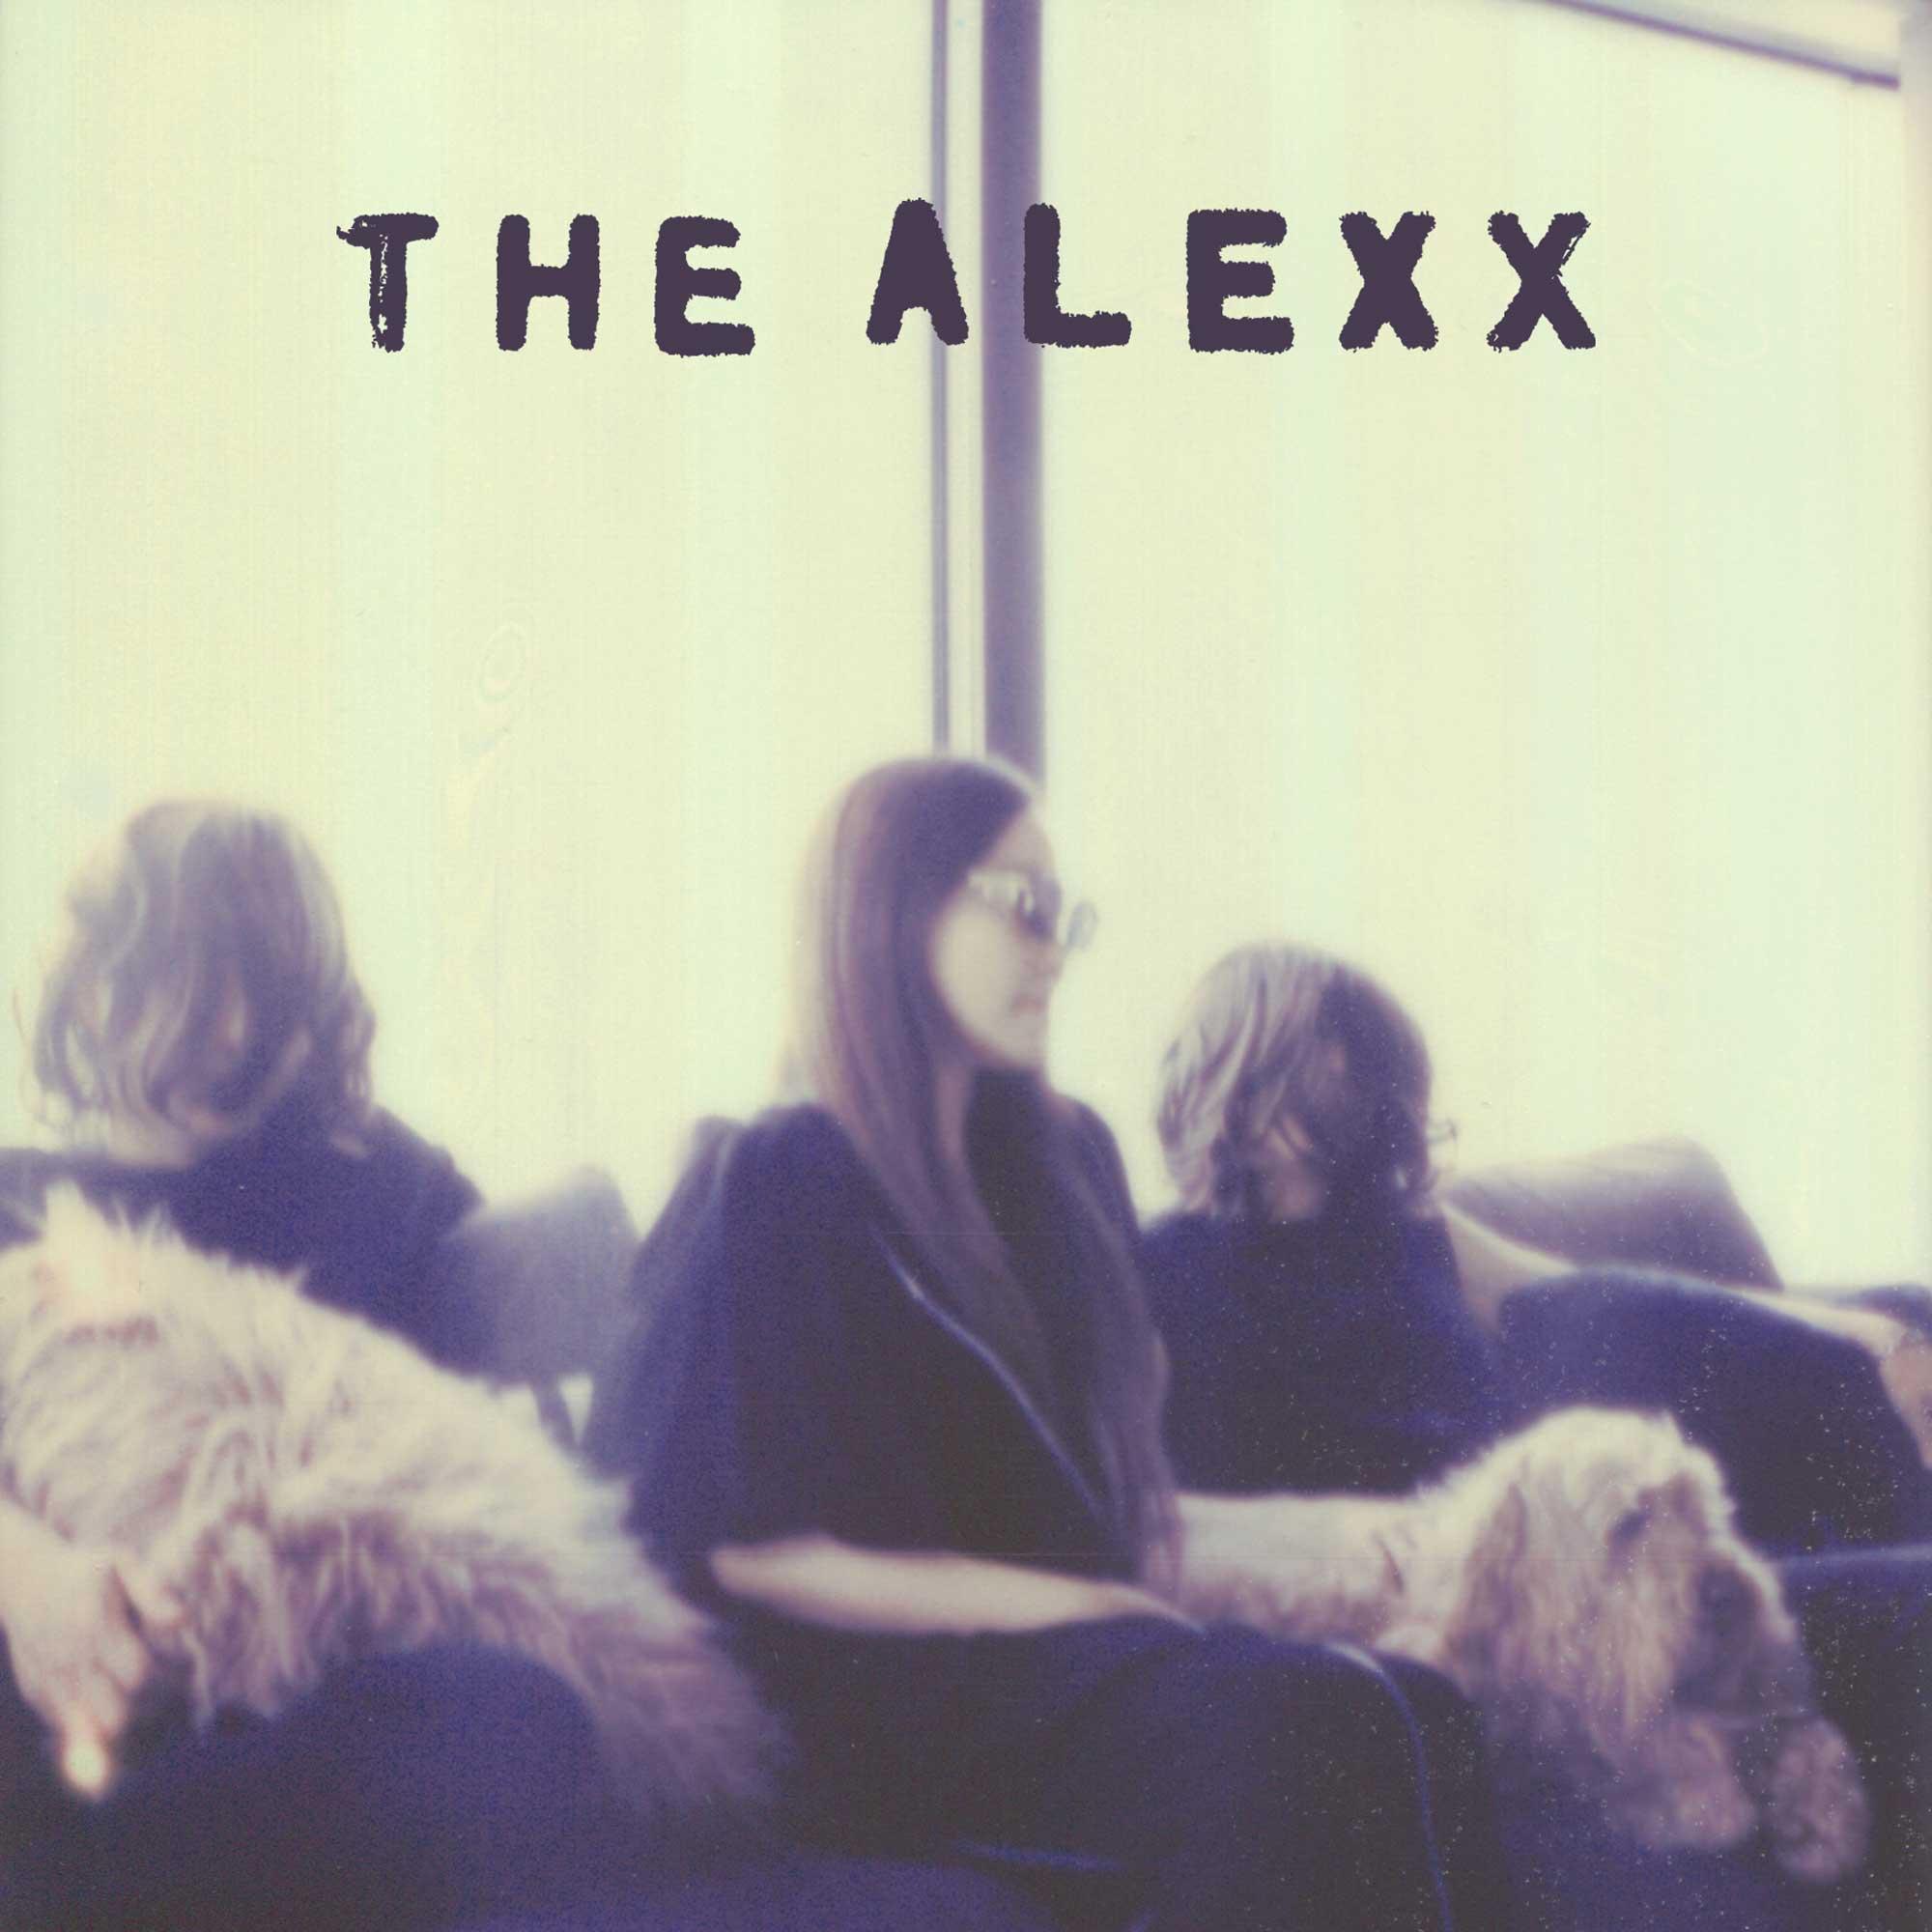 フジロック2019で初ライブを果たした謎のアーティストTHE ALEXXに初インタビュー!~ゼロから挑戦する音楽家の決意~